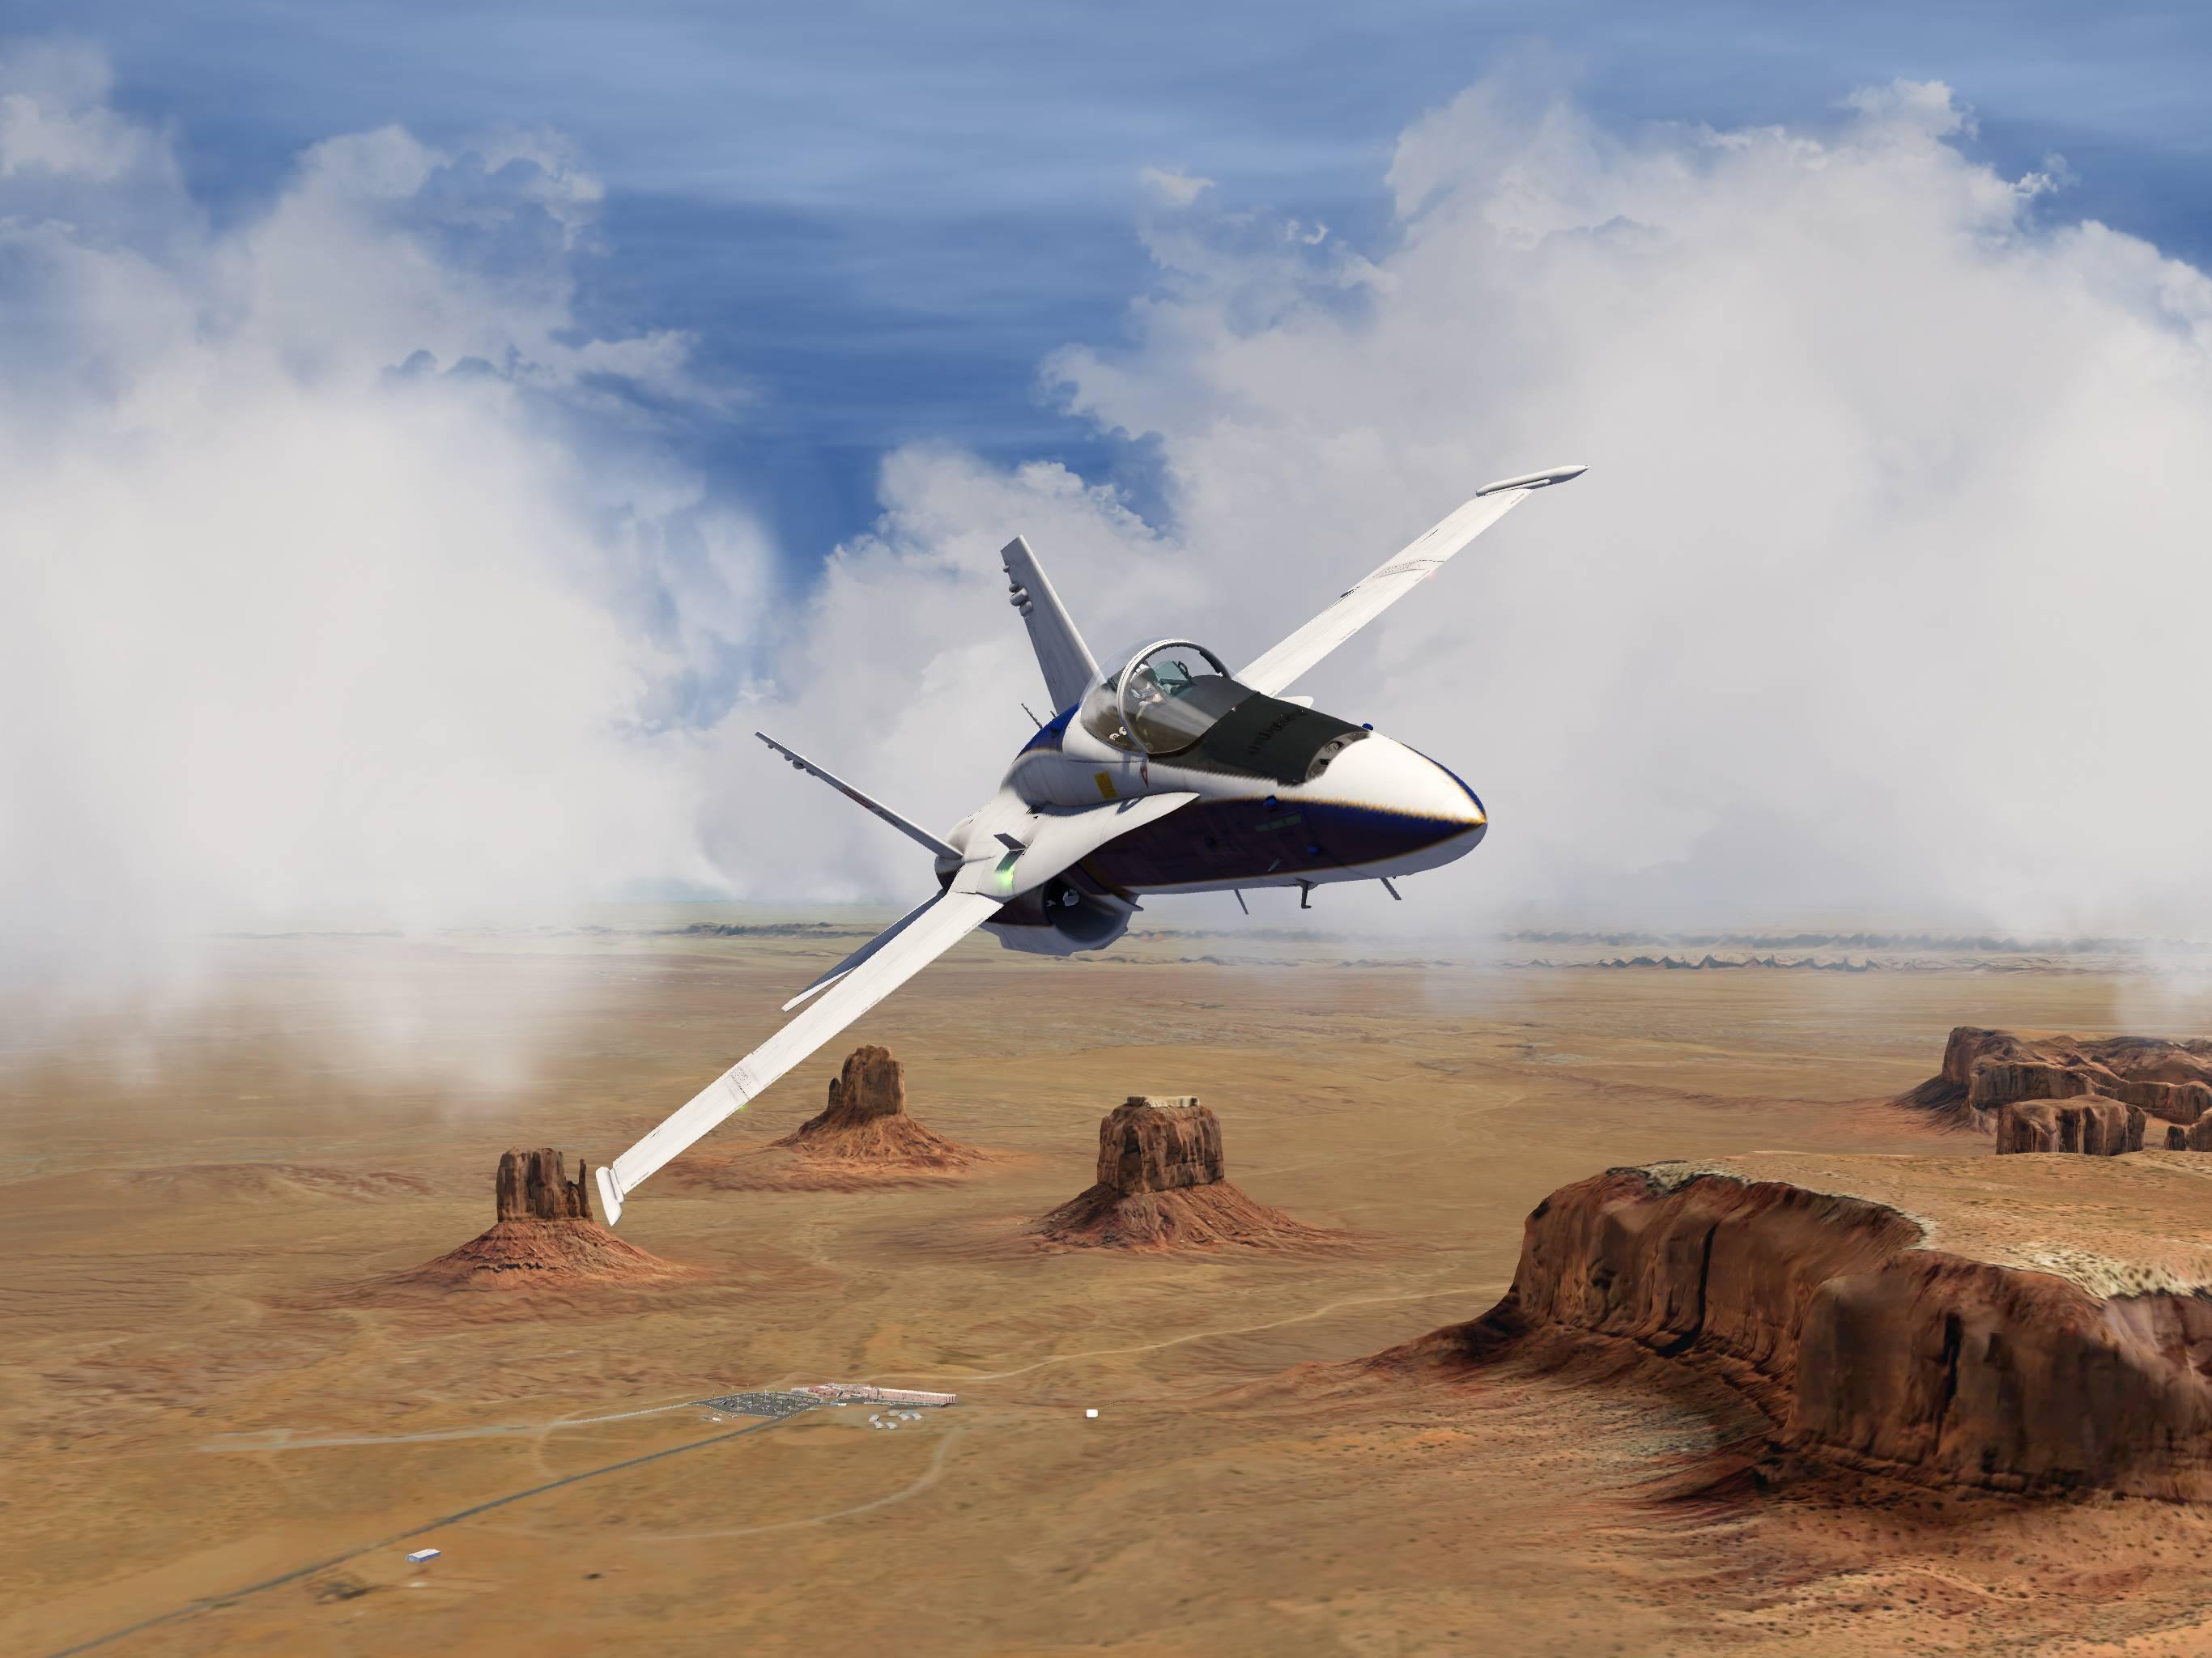 409-aerofly-fs-2020-ipad-12-9-75-20191129-153504-jpg